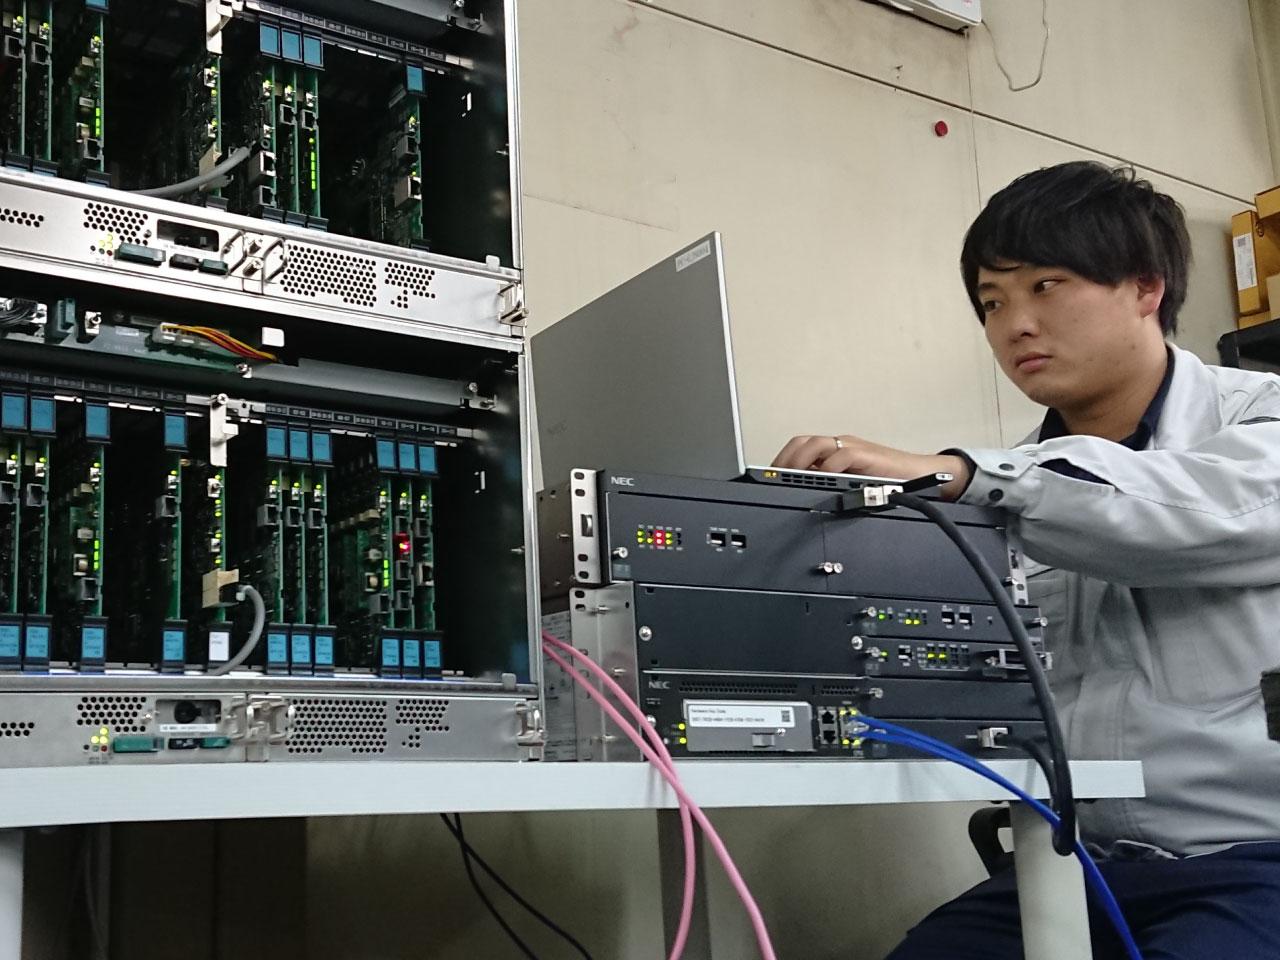 情報通信工事の仕事